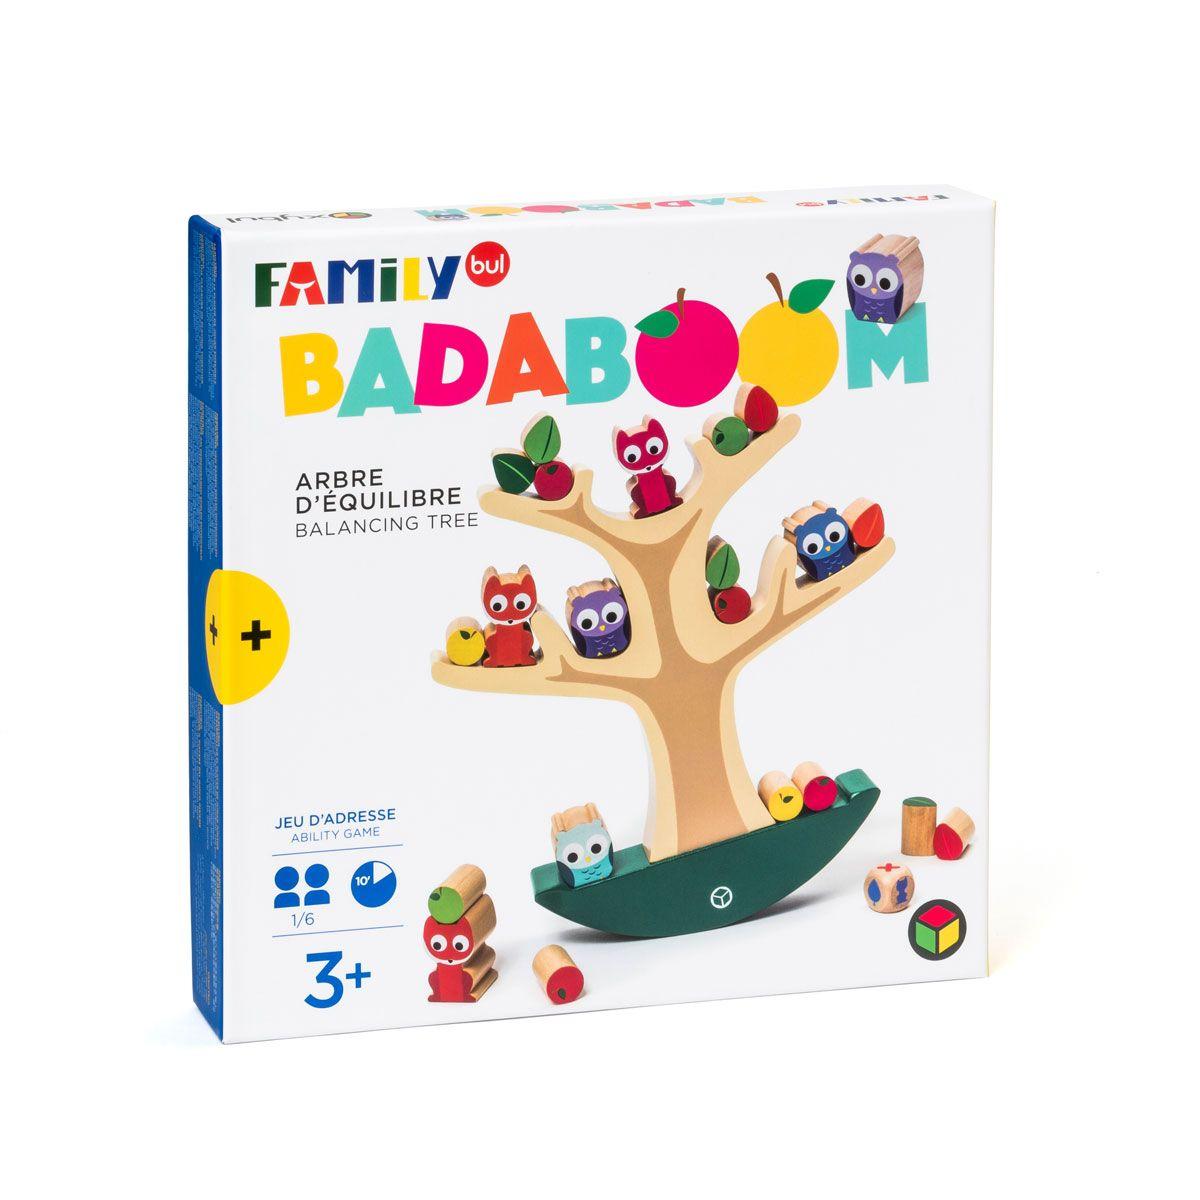 Jeu De Société L'arbre D'équilibre Badaboom Familybul avec Jeux Pour Un Enfant De 3 Ans